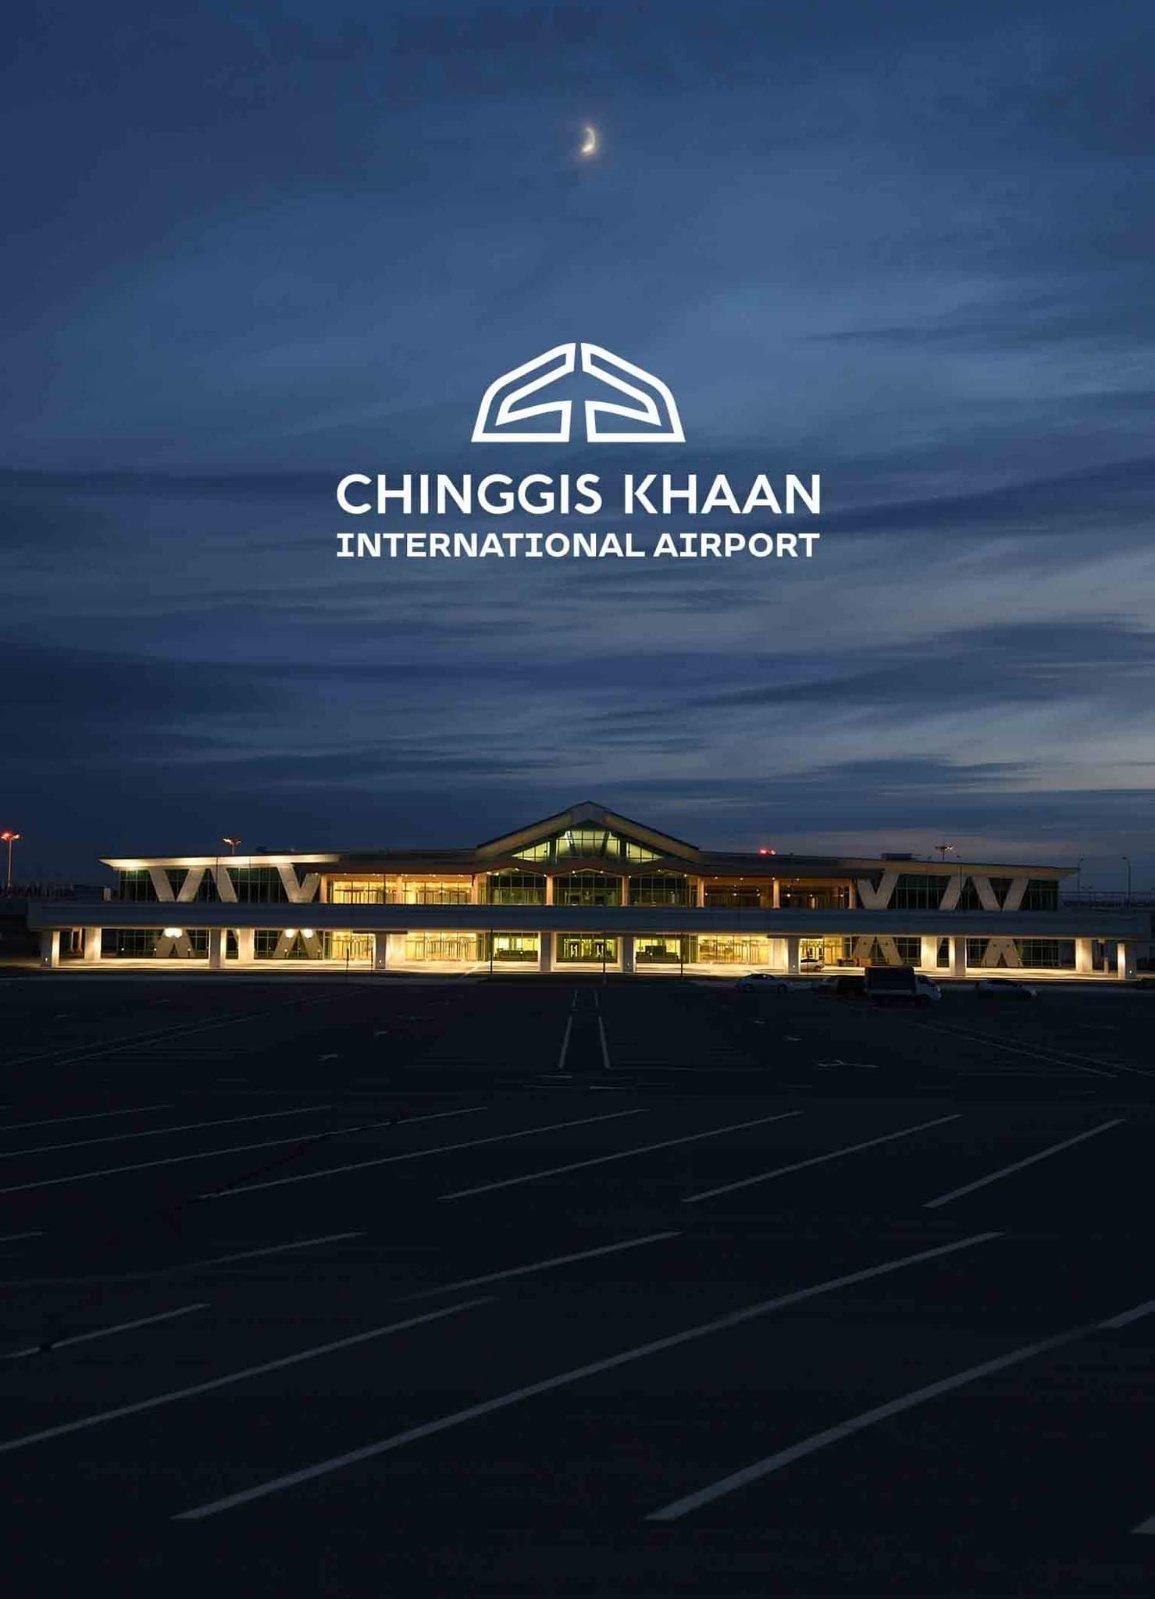 """""""Чингис хаан"""" Олон улсын нисэх буудлын анхны нислэгийн ёслолын арга хэмжээ боллоо"""